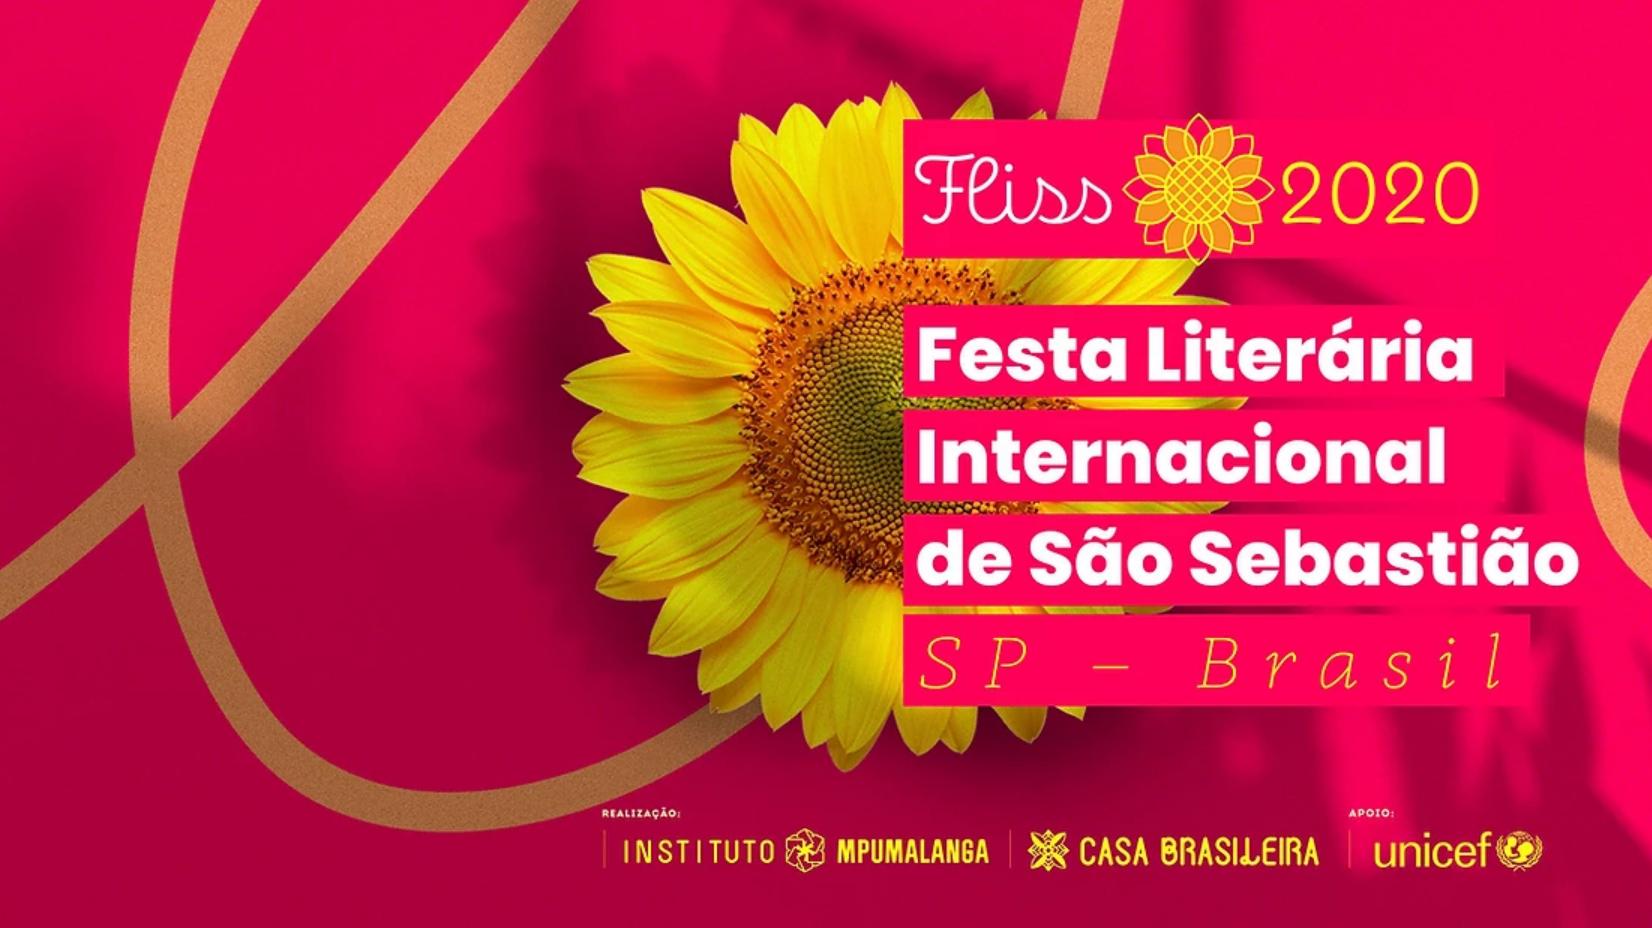 Festa literária ONLINE acontece do dia 27 a 30 de agosto. Festa Literária Internacional de São Sebastião – FLISS 2020